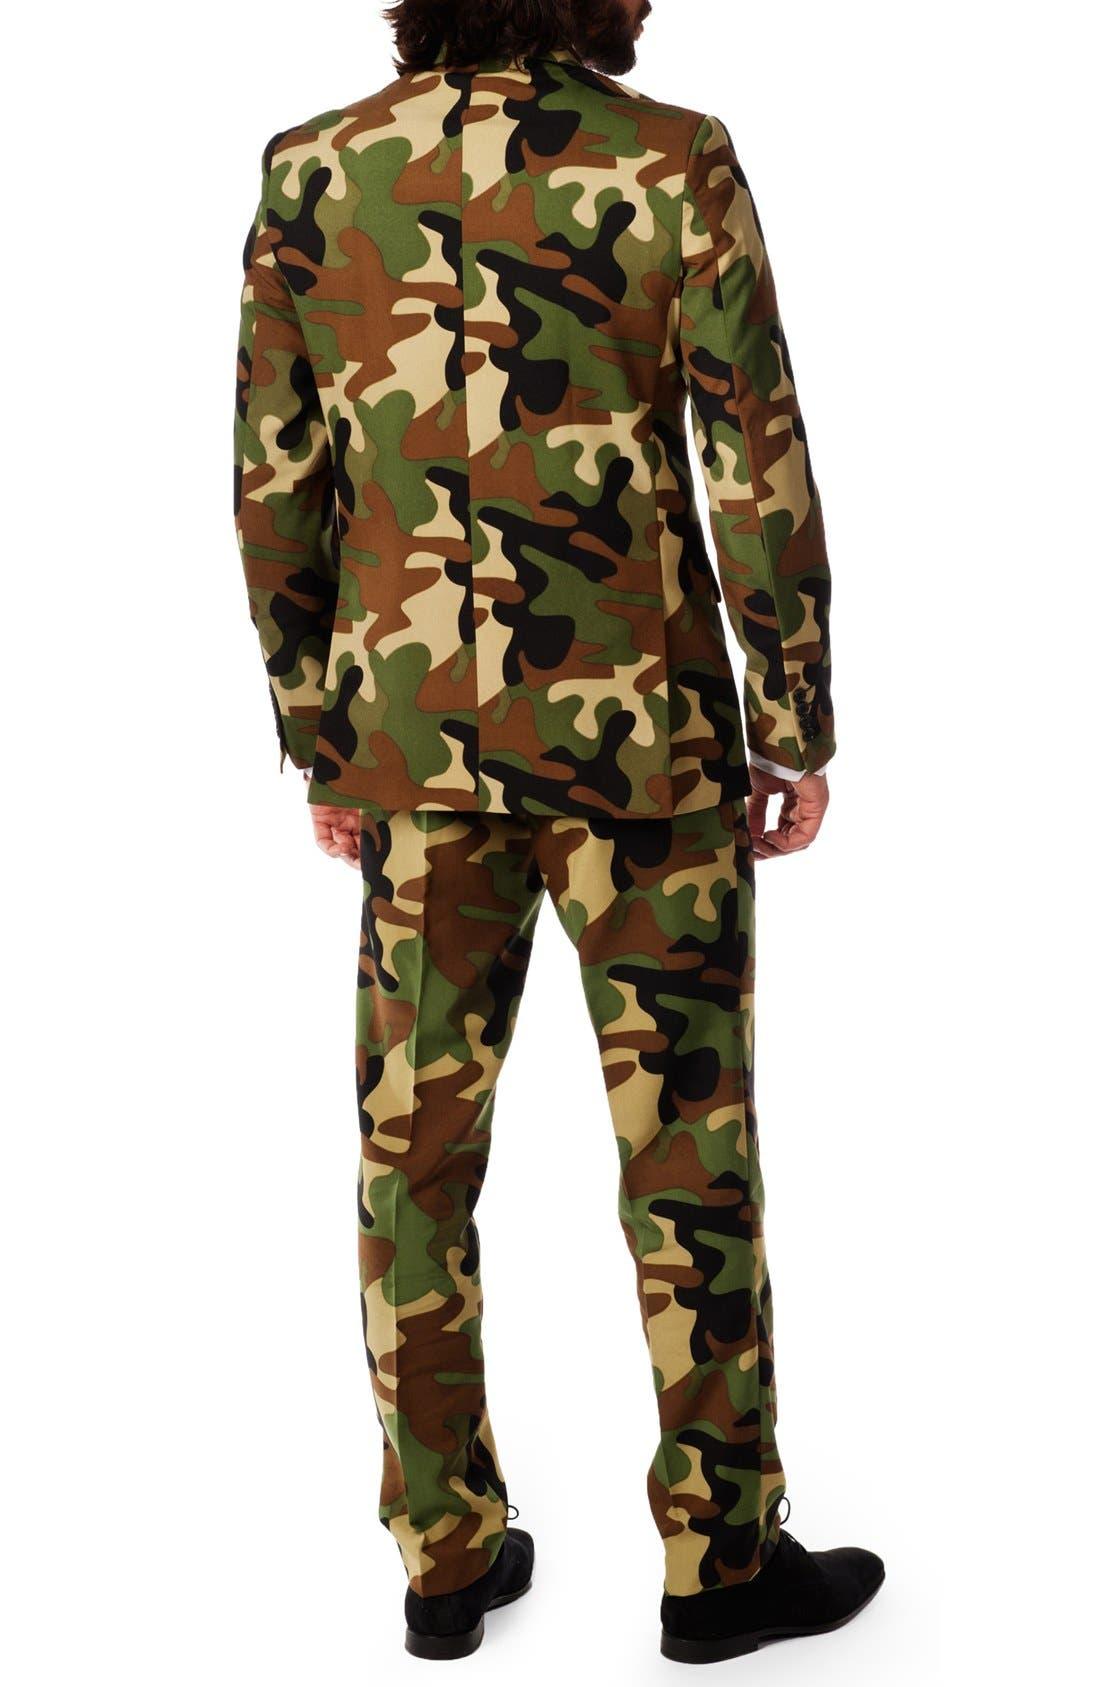 'Commando' Trim Fit Two-Piece Suit with Tie,                             Alternate thumbnail 2, color,                             Camo